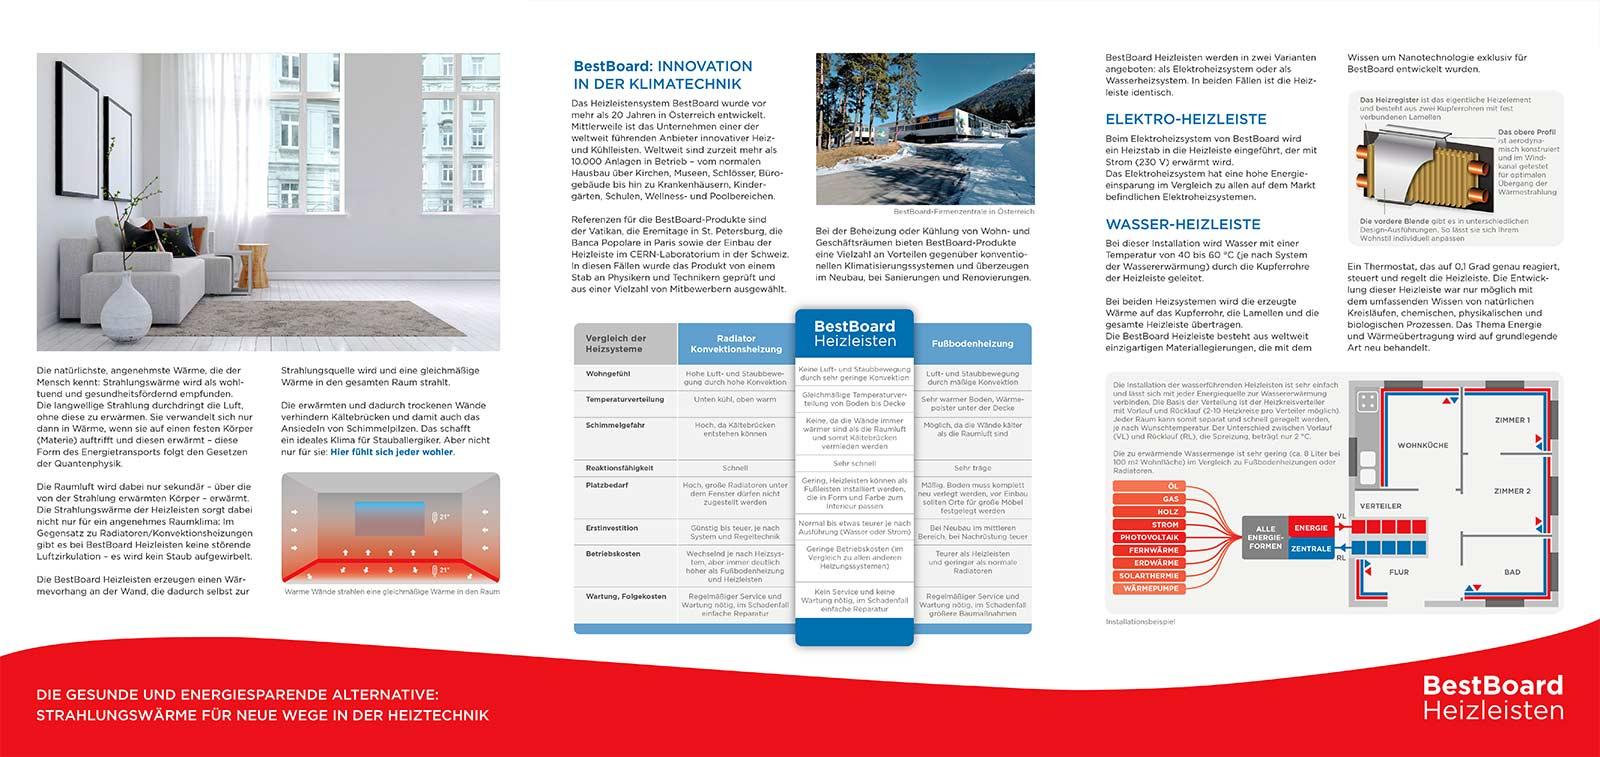 BestBoard Heizleisten Pyro Design Berlin